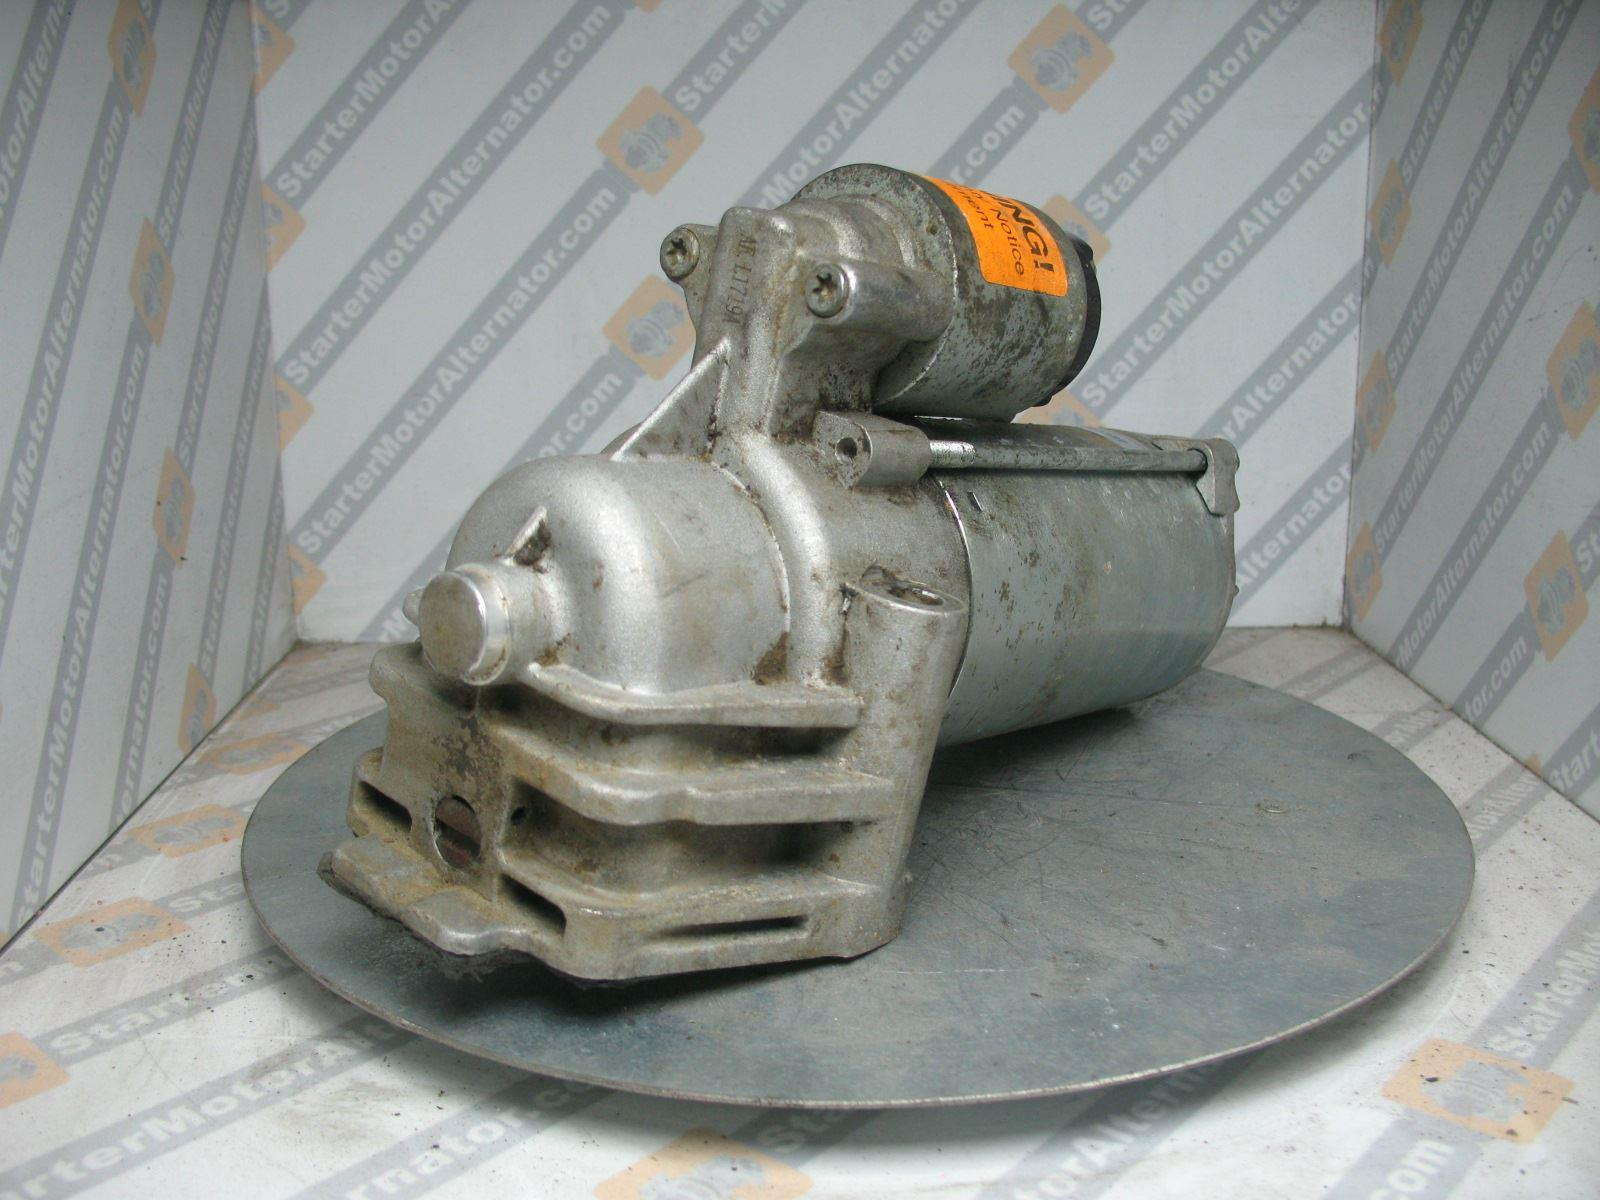 XIS2202 Starter Motor For Ford / Jaguar/Daimler / LDV / LTI